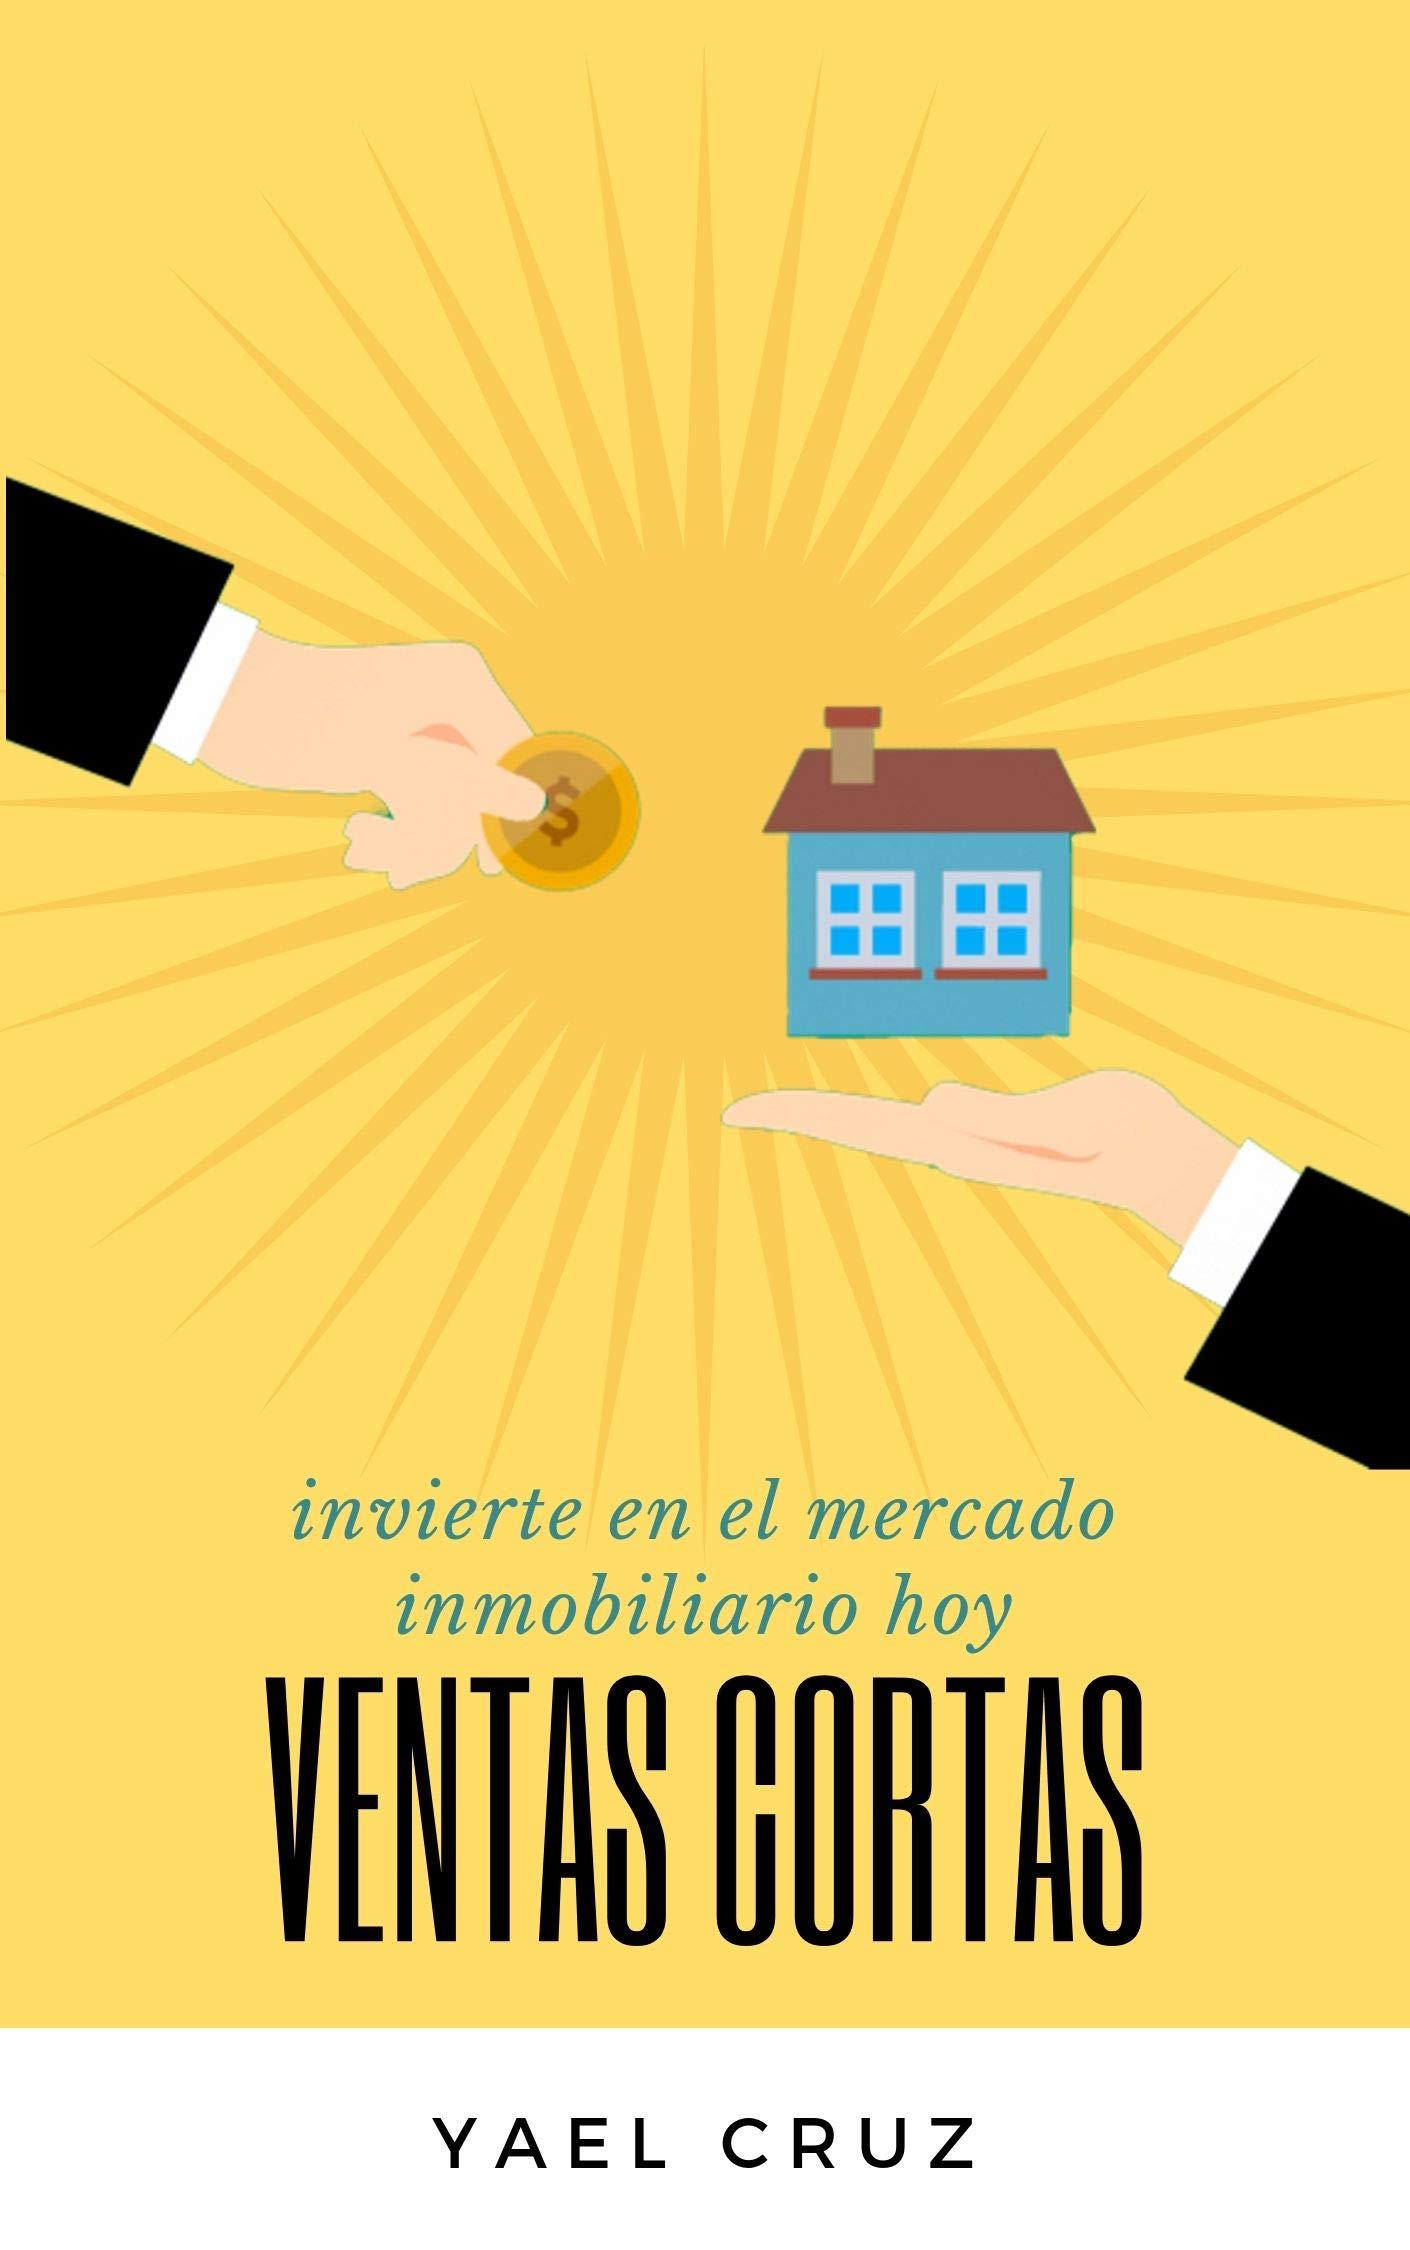 Ventas Cortas: Invierte en el mercado inmobiliario hoy (Spanish Edition)